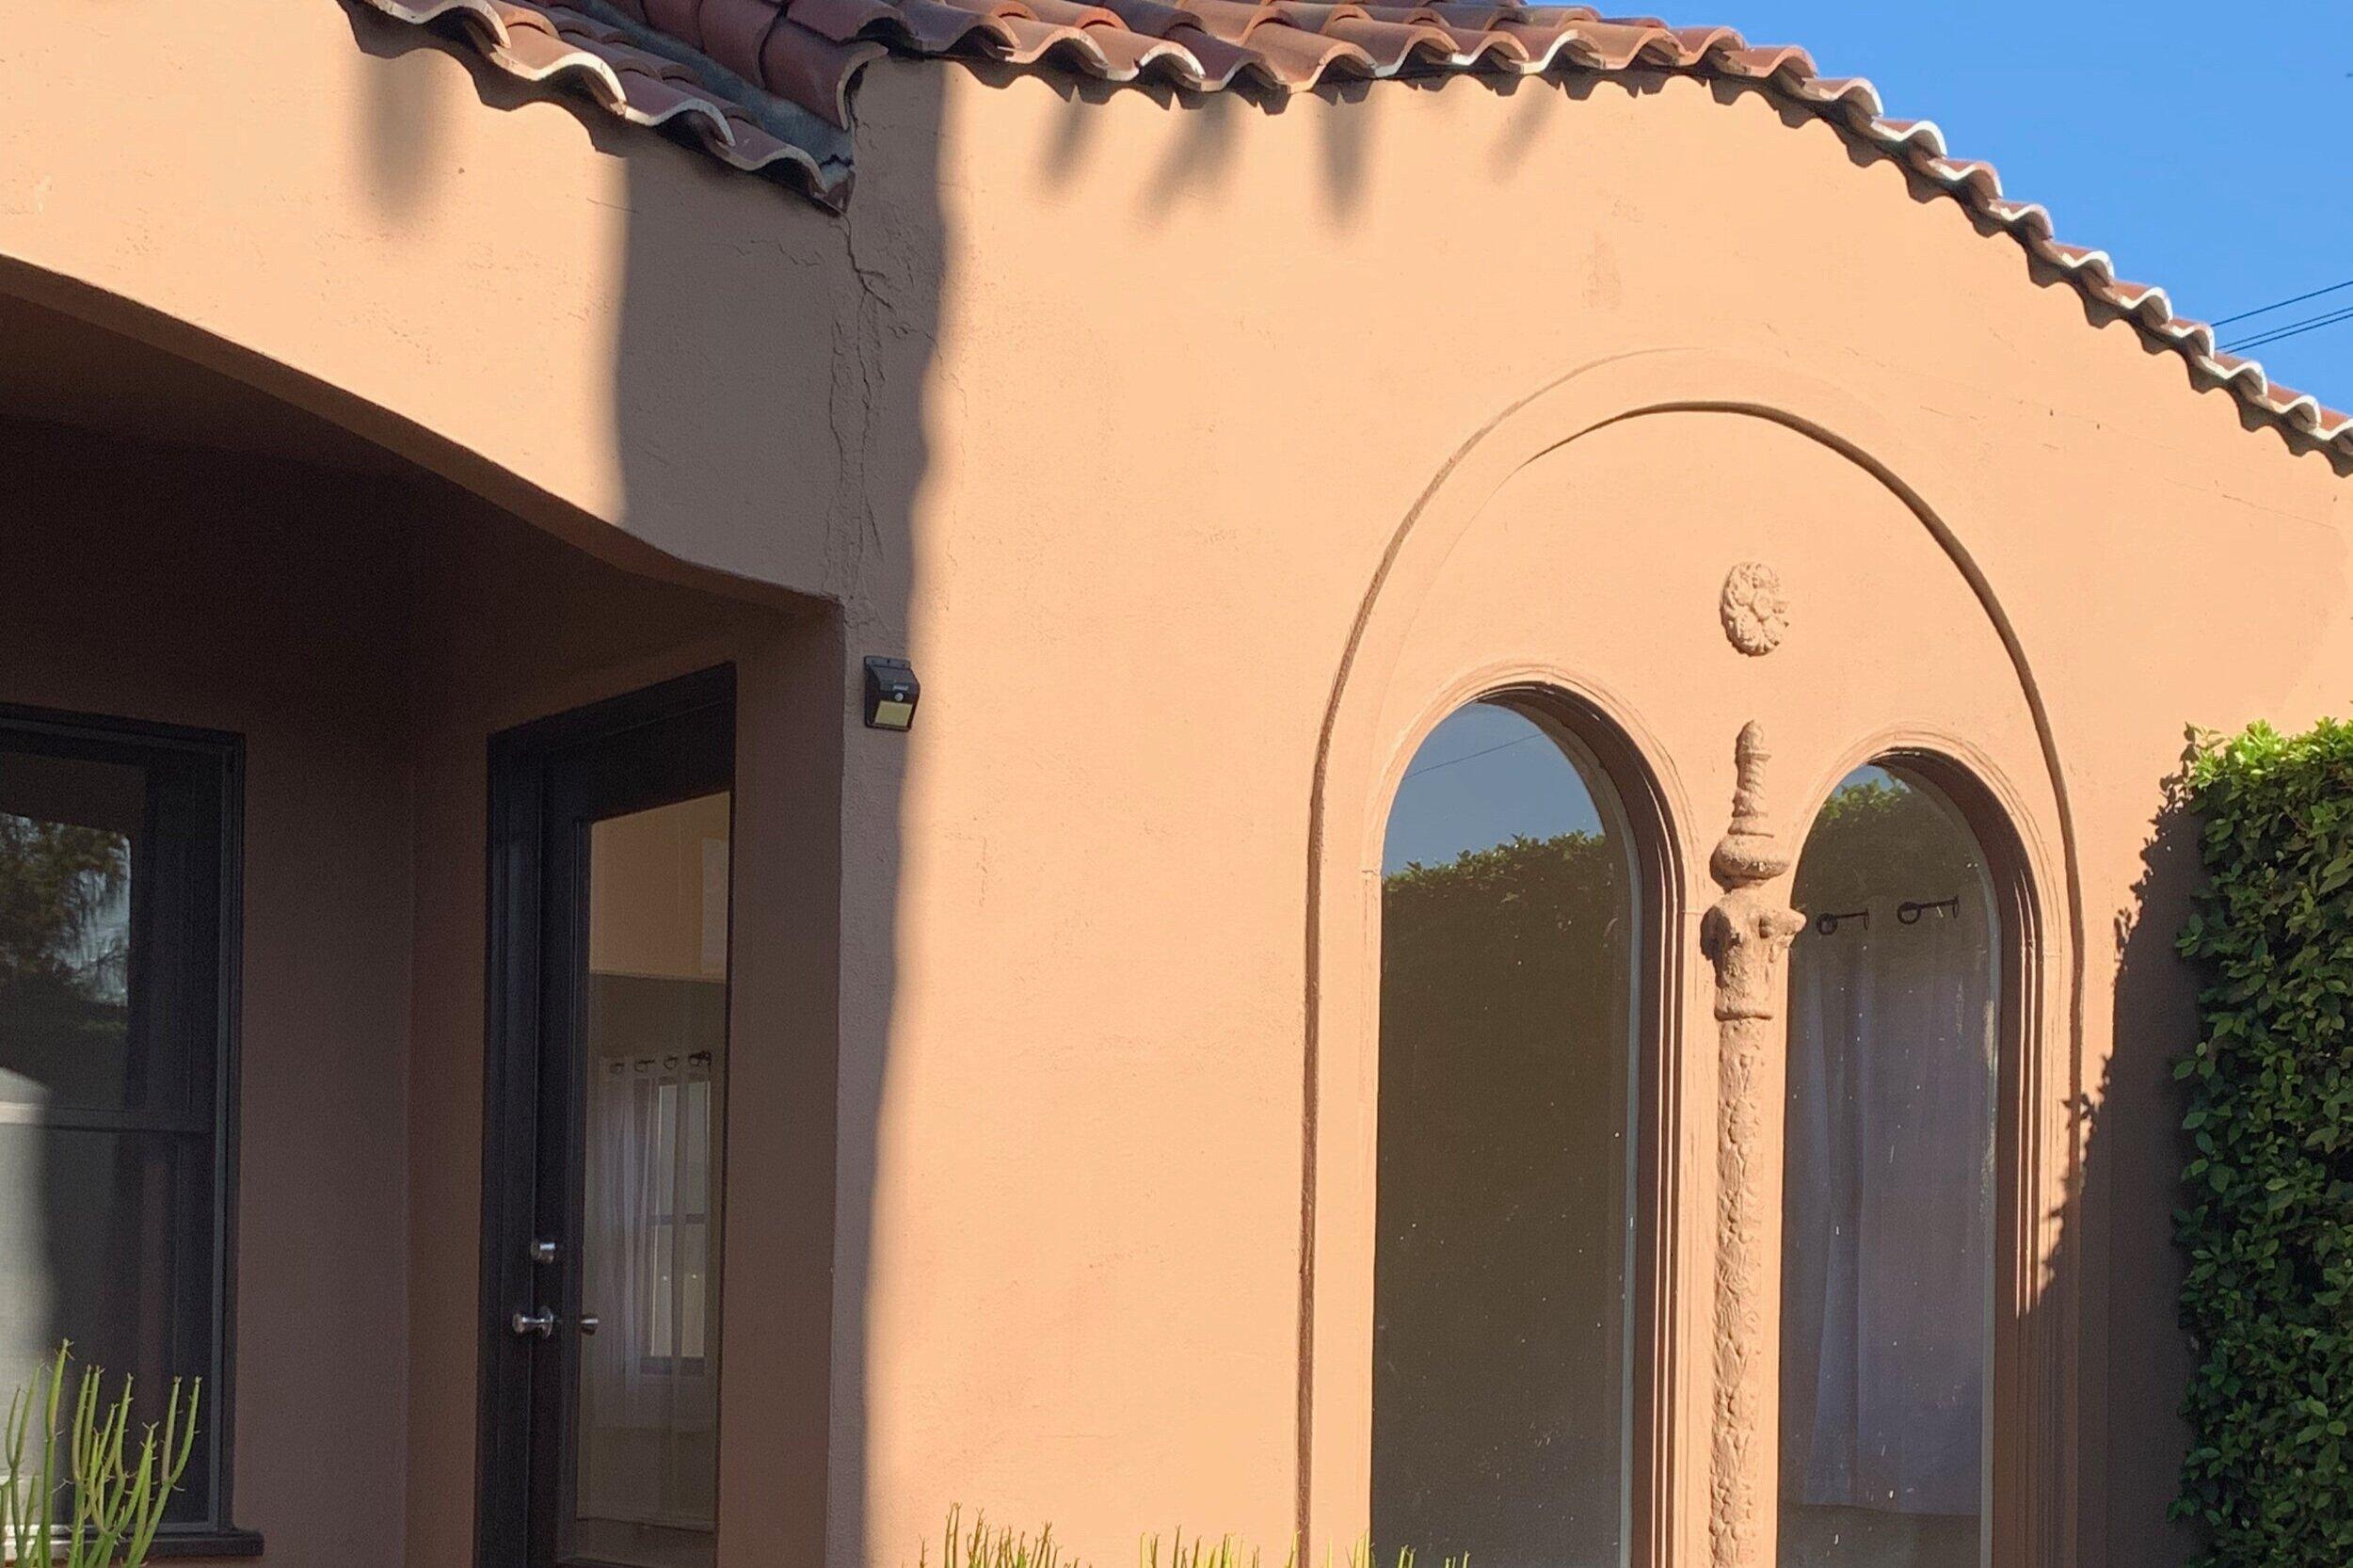 806 N. Citrus Avenue - Los Angeles, CA 90038$3,850 per month   Beds: 2   Baths: 1   SqFt: 1,000